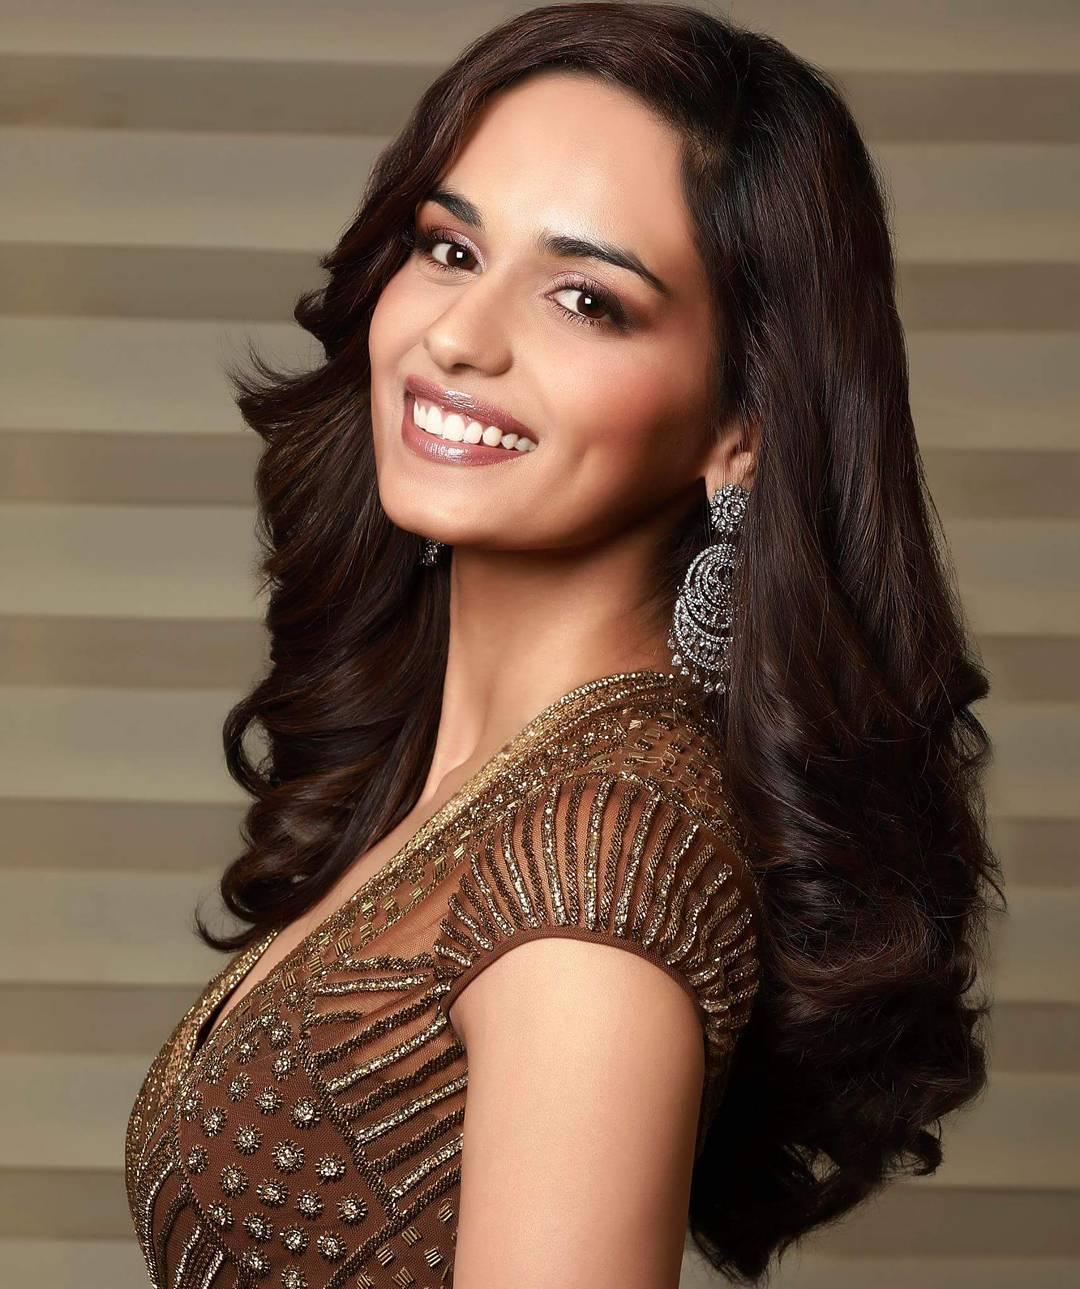 Nhan sắc ngắm là mê của người đẹp Ấn Độ vừa đăng quang Hoa hậu Thế giới 2017-3